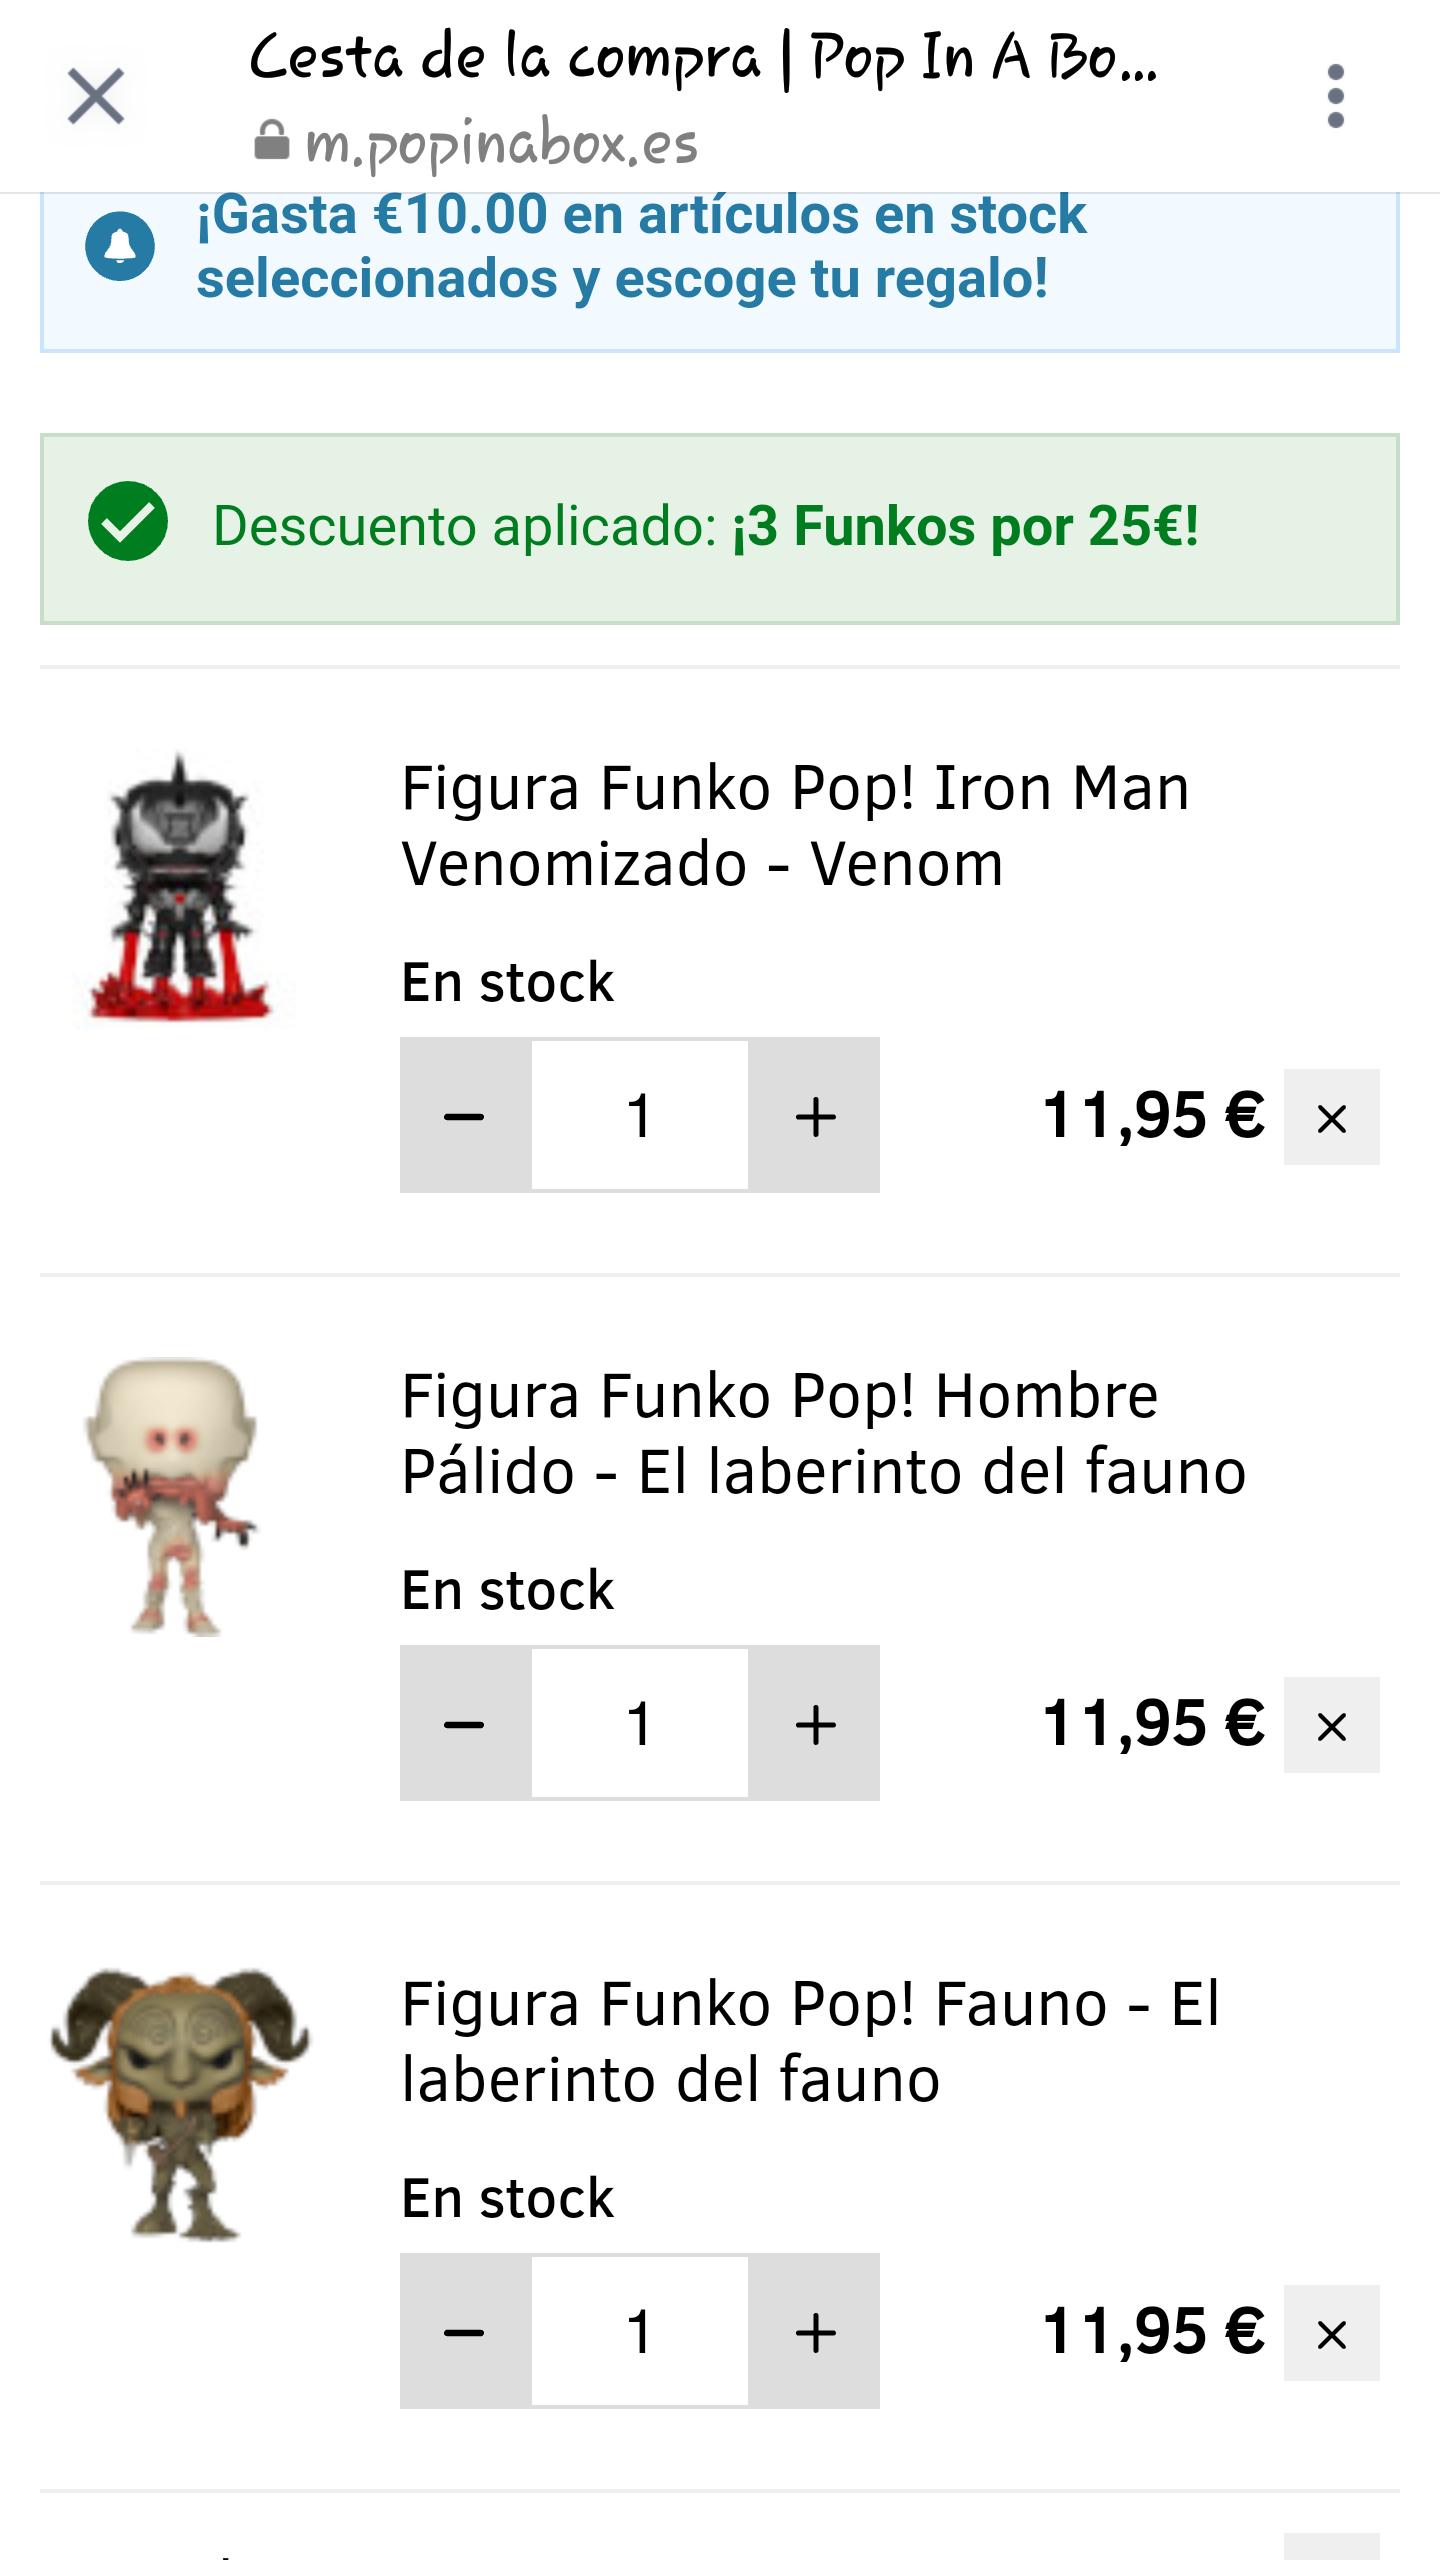 3 funko pop por 25 euros